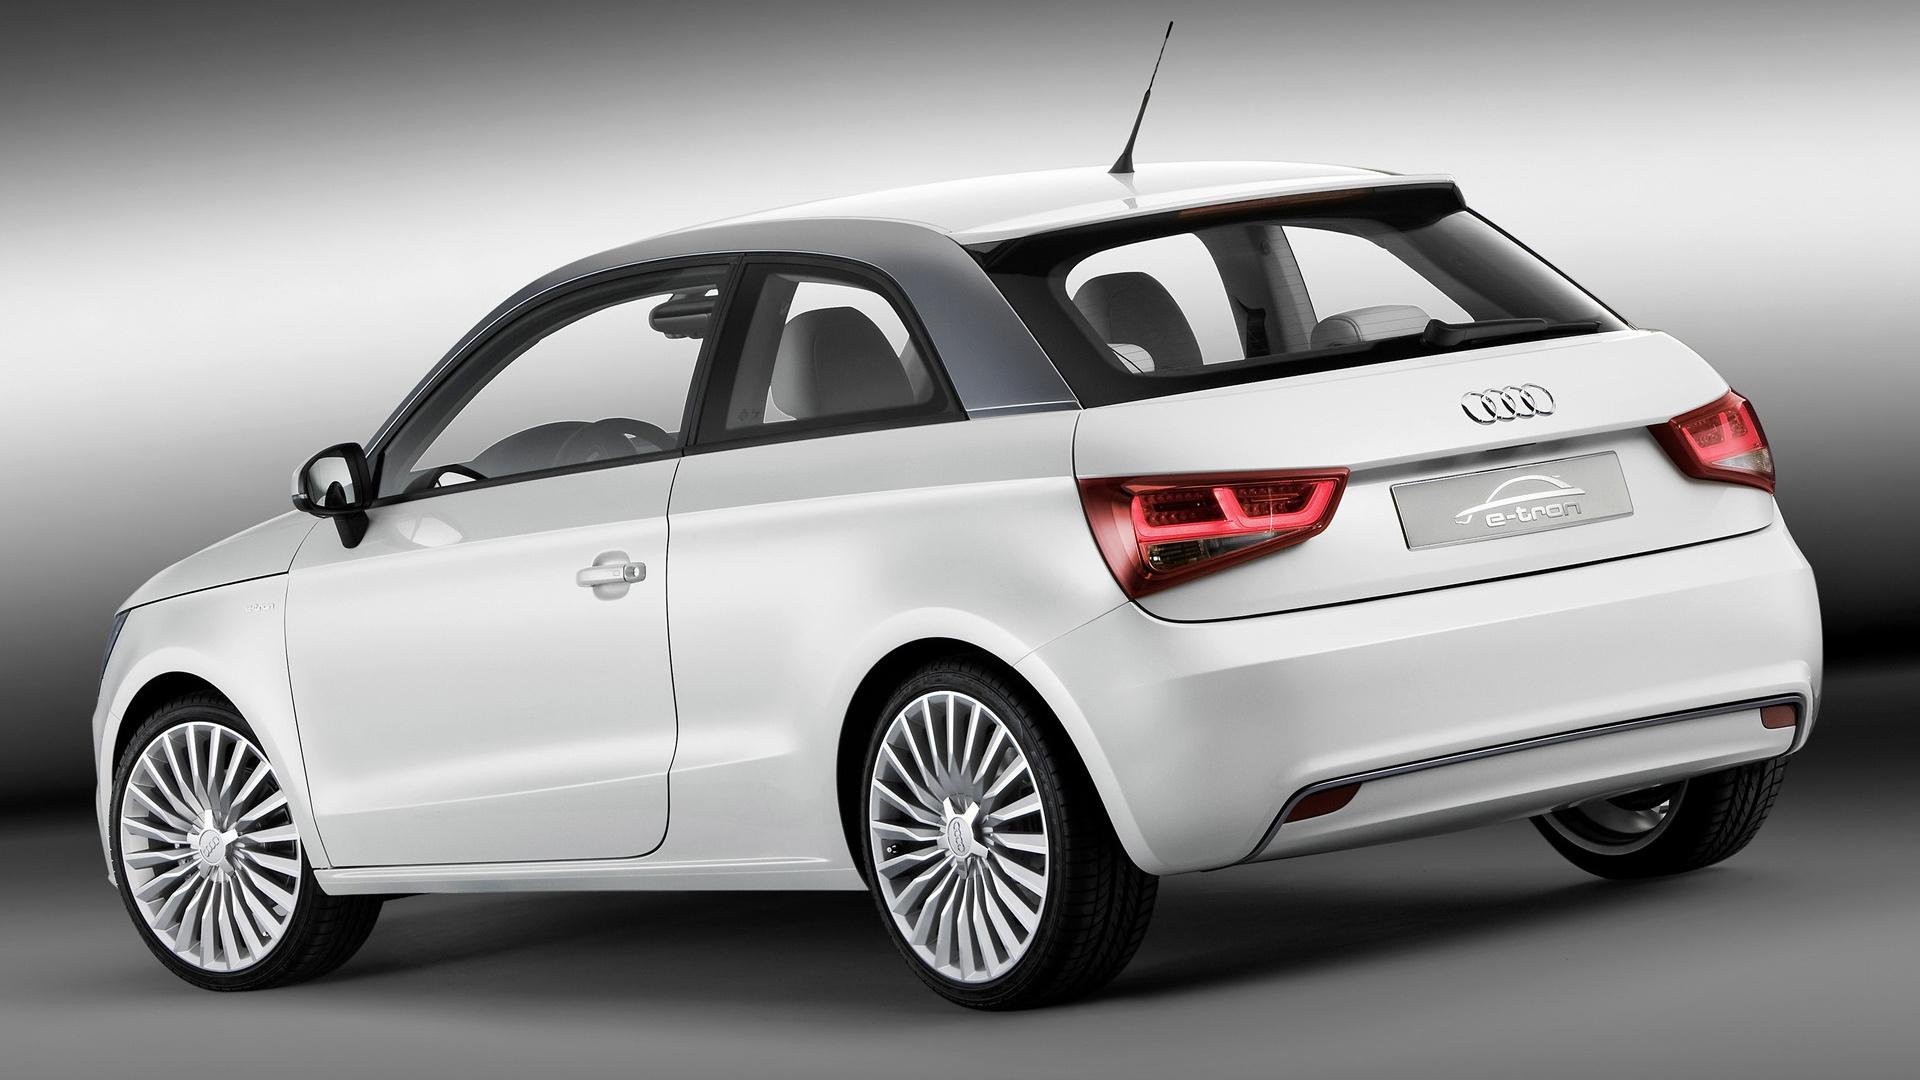 2010 Audi A1 E-tron Concept